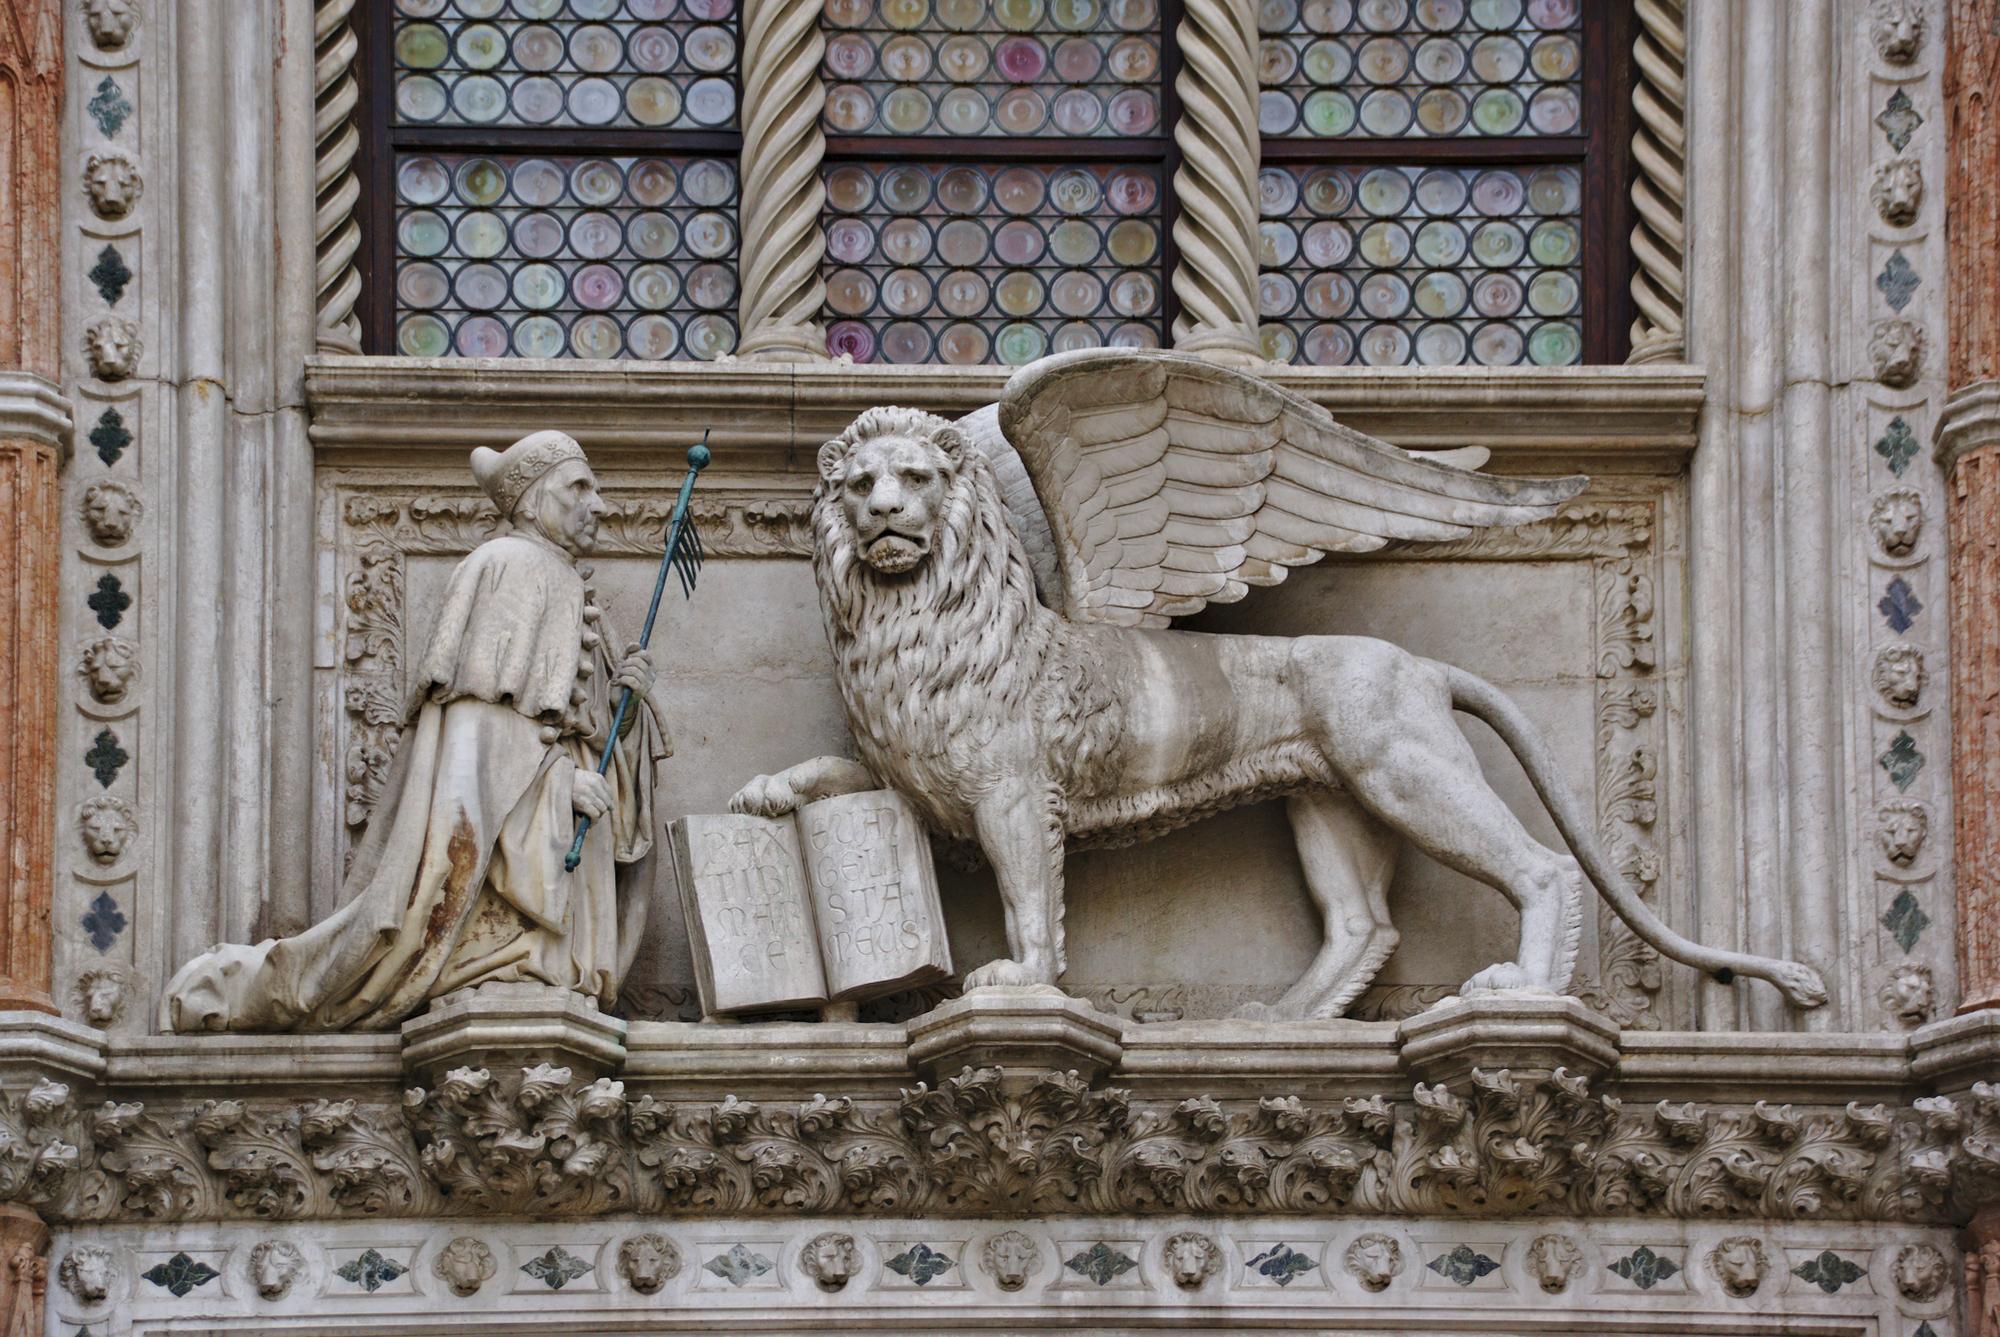 Banco de imagens : Palácio, monumento, estátua, Itália, Veneza, arte ...